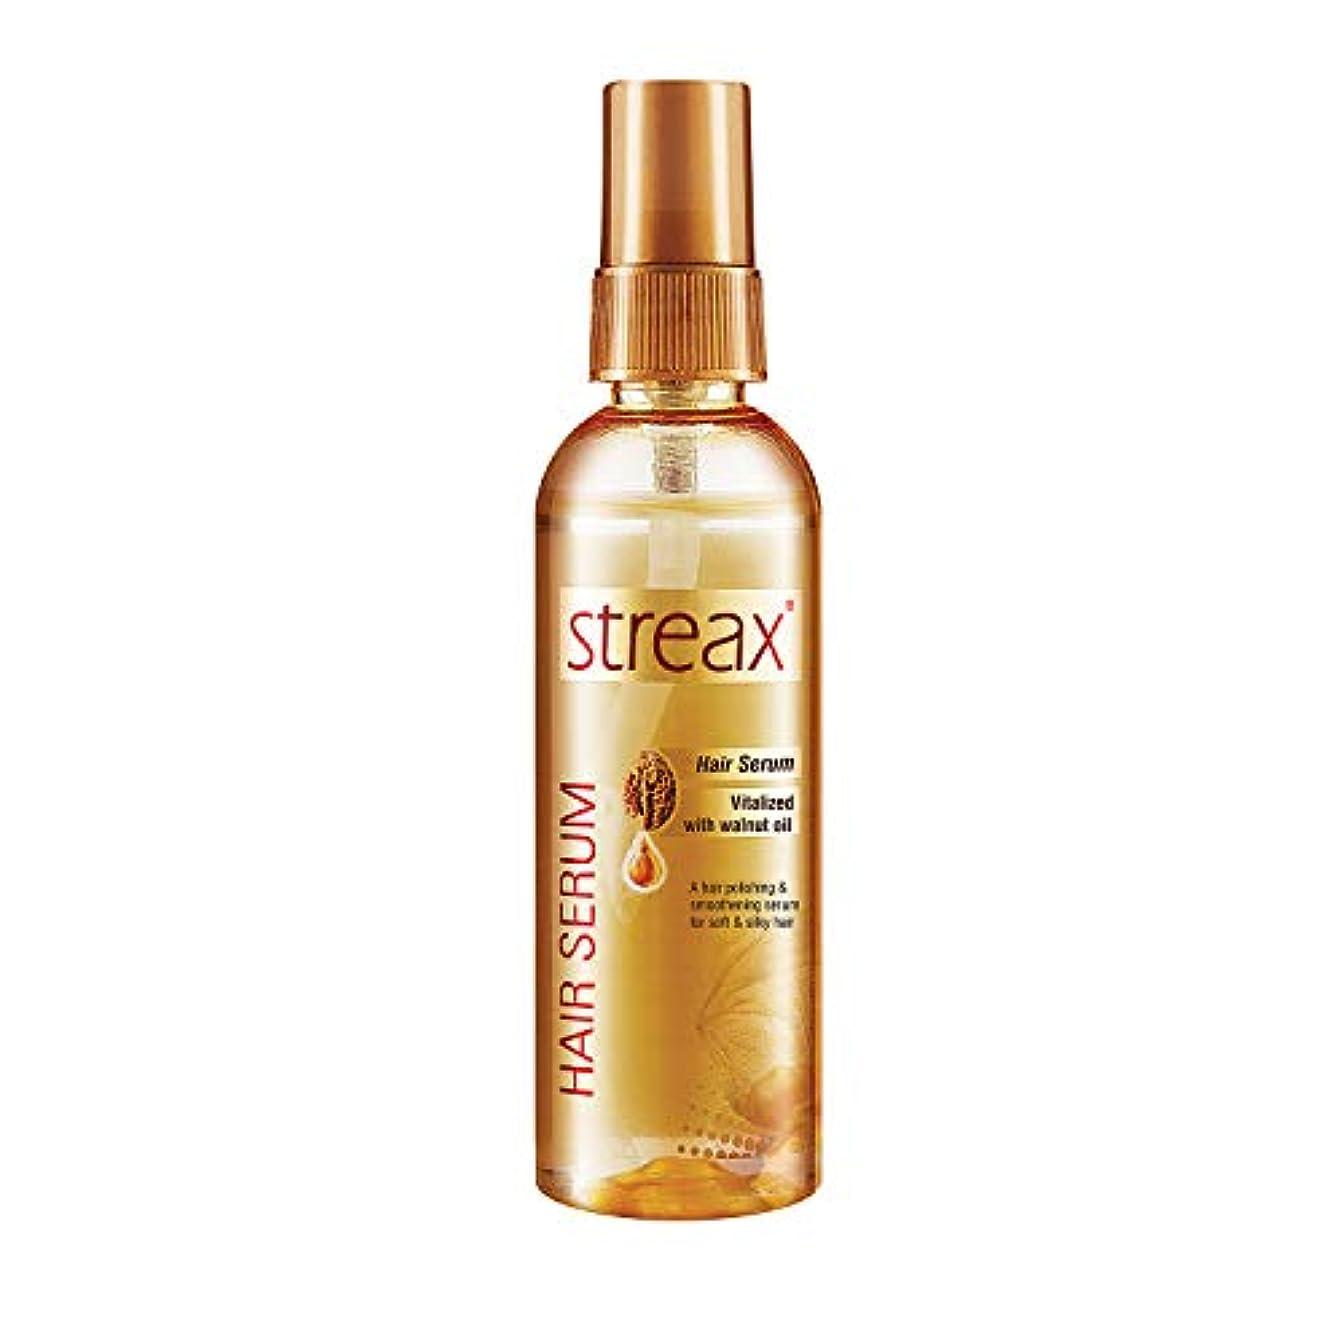 ピッチのり合わせてクルミオイルで強化しStreax髪血清は縮れフリーサテンスムースヘア100ミリリットルを提供します( 3.5オンス)Streax Hair Serum Enriched with Walnut Oil Gives Frizz-free...